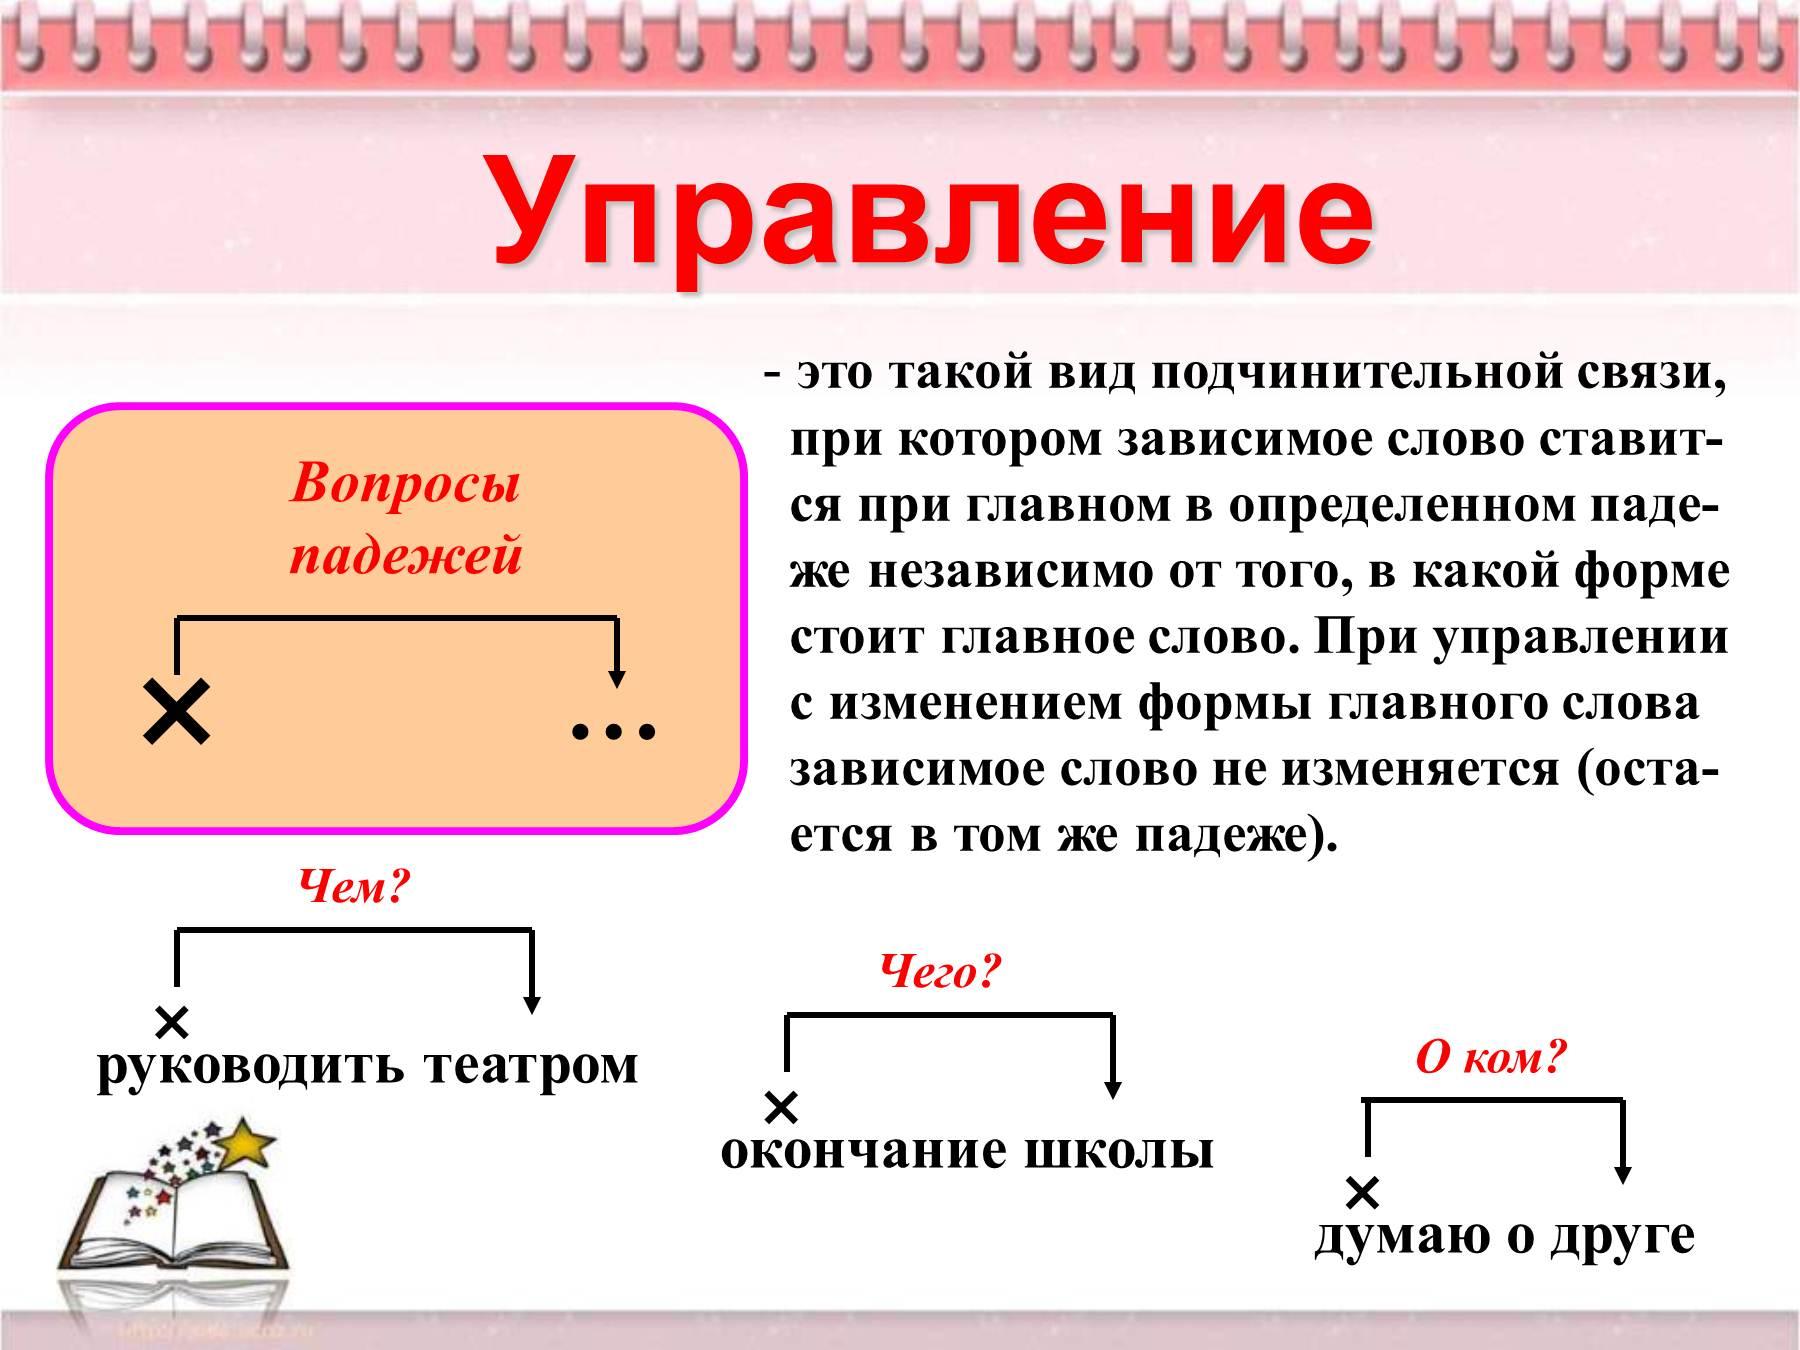 glavnie-chleni-sostavlyayut-slovosochetaniya